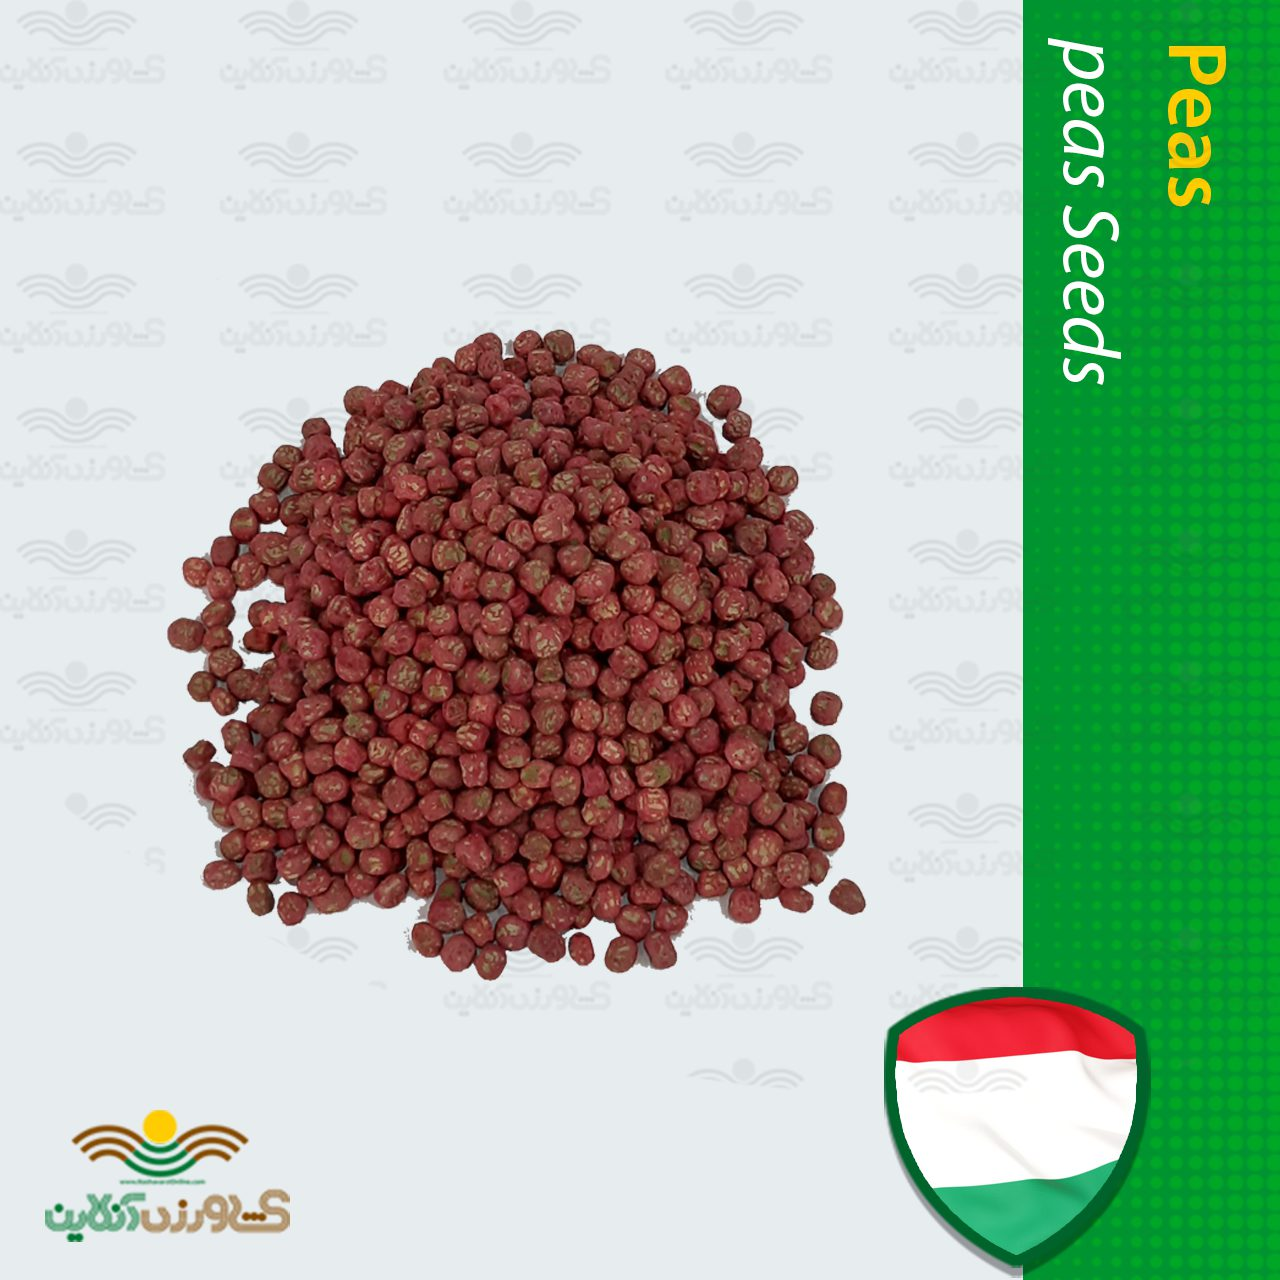 بذر نخود فرنگی شمشیری مجارستانی